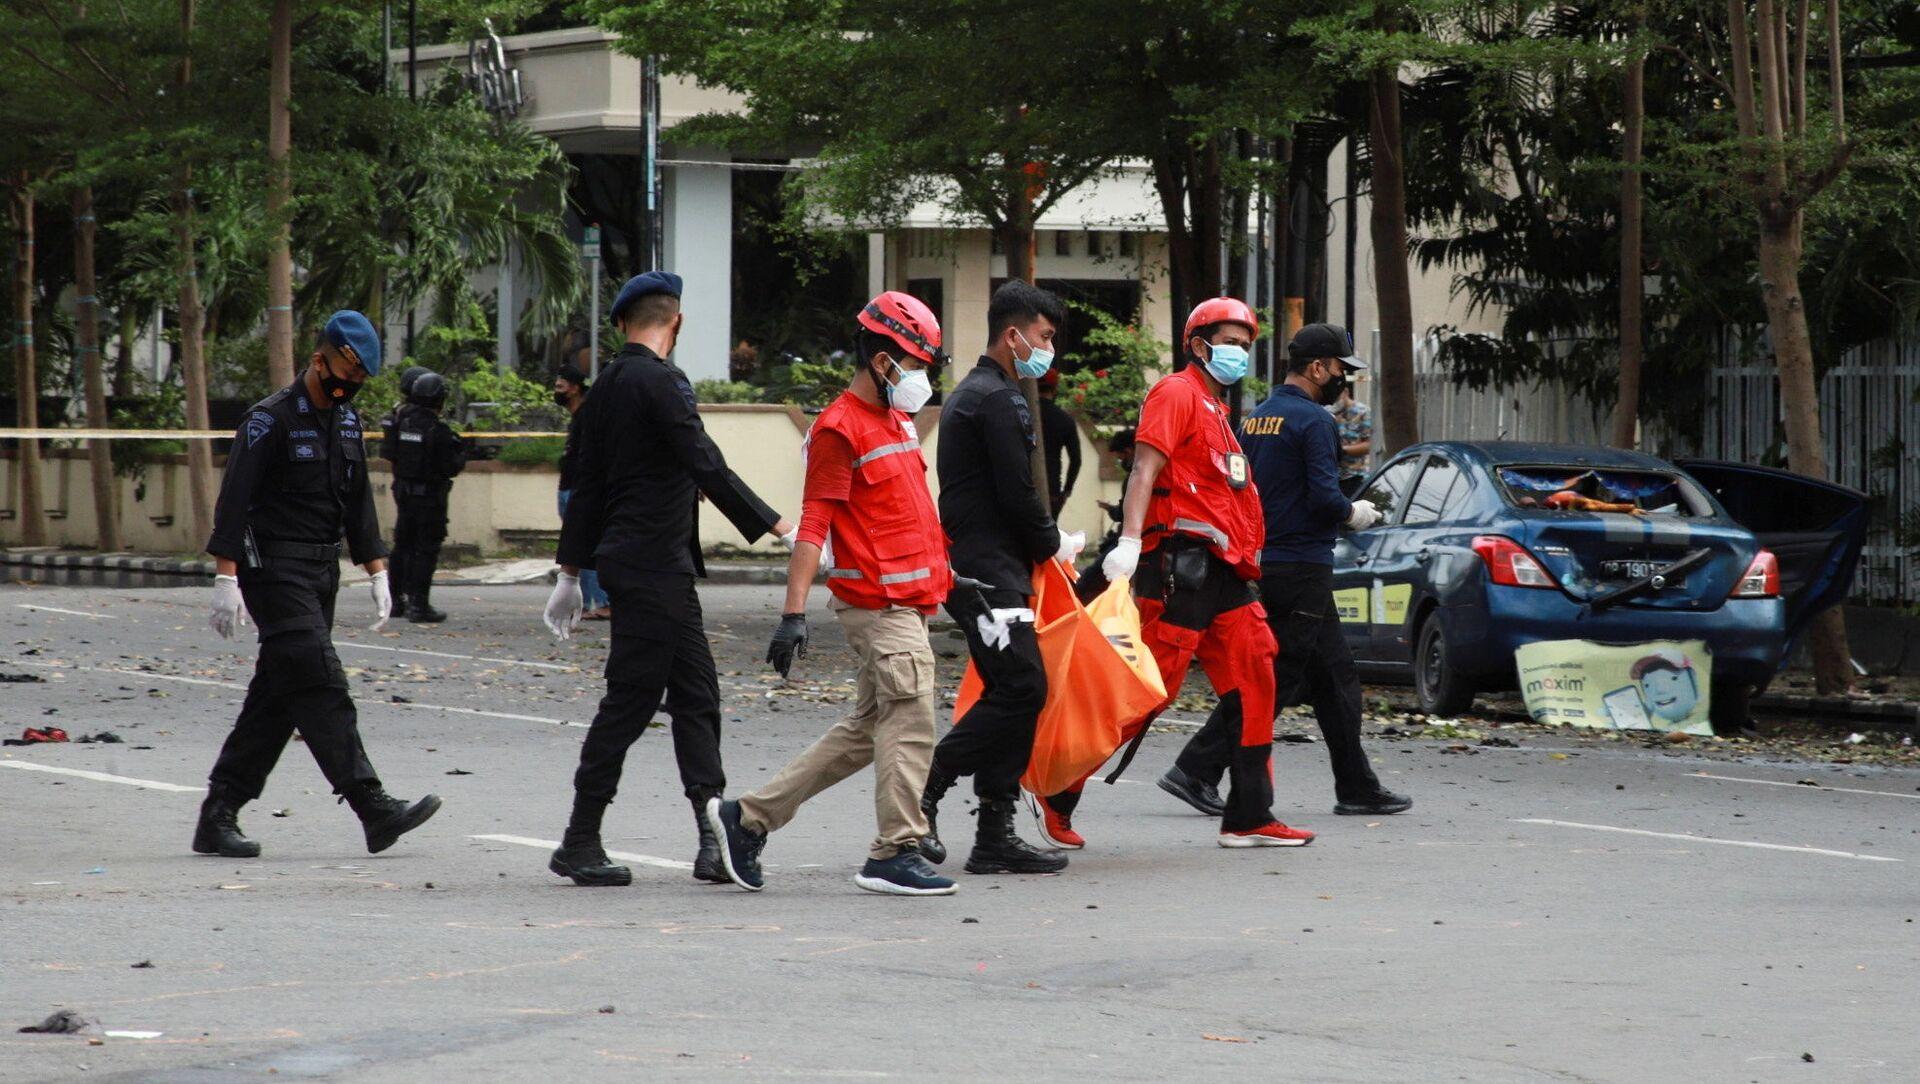 Nhân viên Hội Chữ thập đỏ mang  chiếc túi chứa mảnh di thể nạn nhân của vụ nổ gần nhà thờ Công giáo ở Indonesia - Sputnik Việt Nam, 1920, 29.03.2021